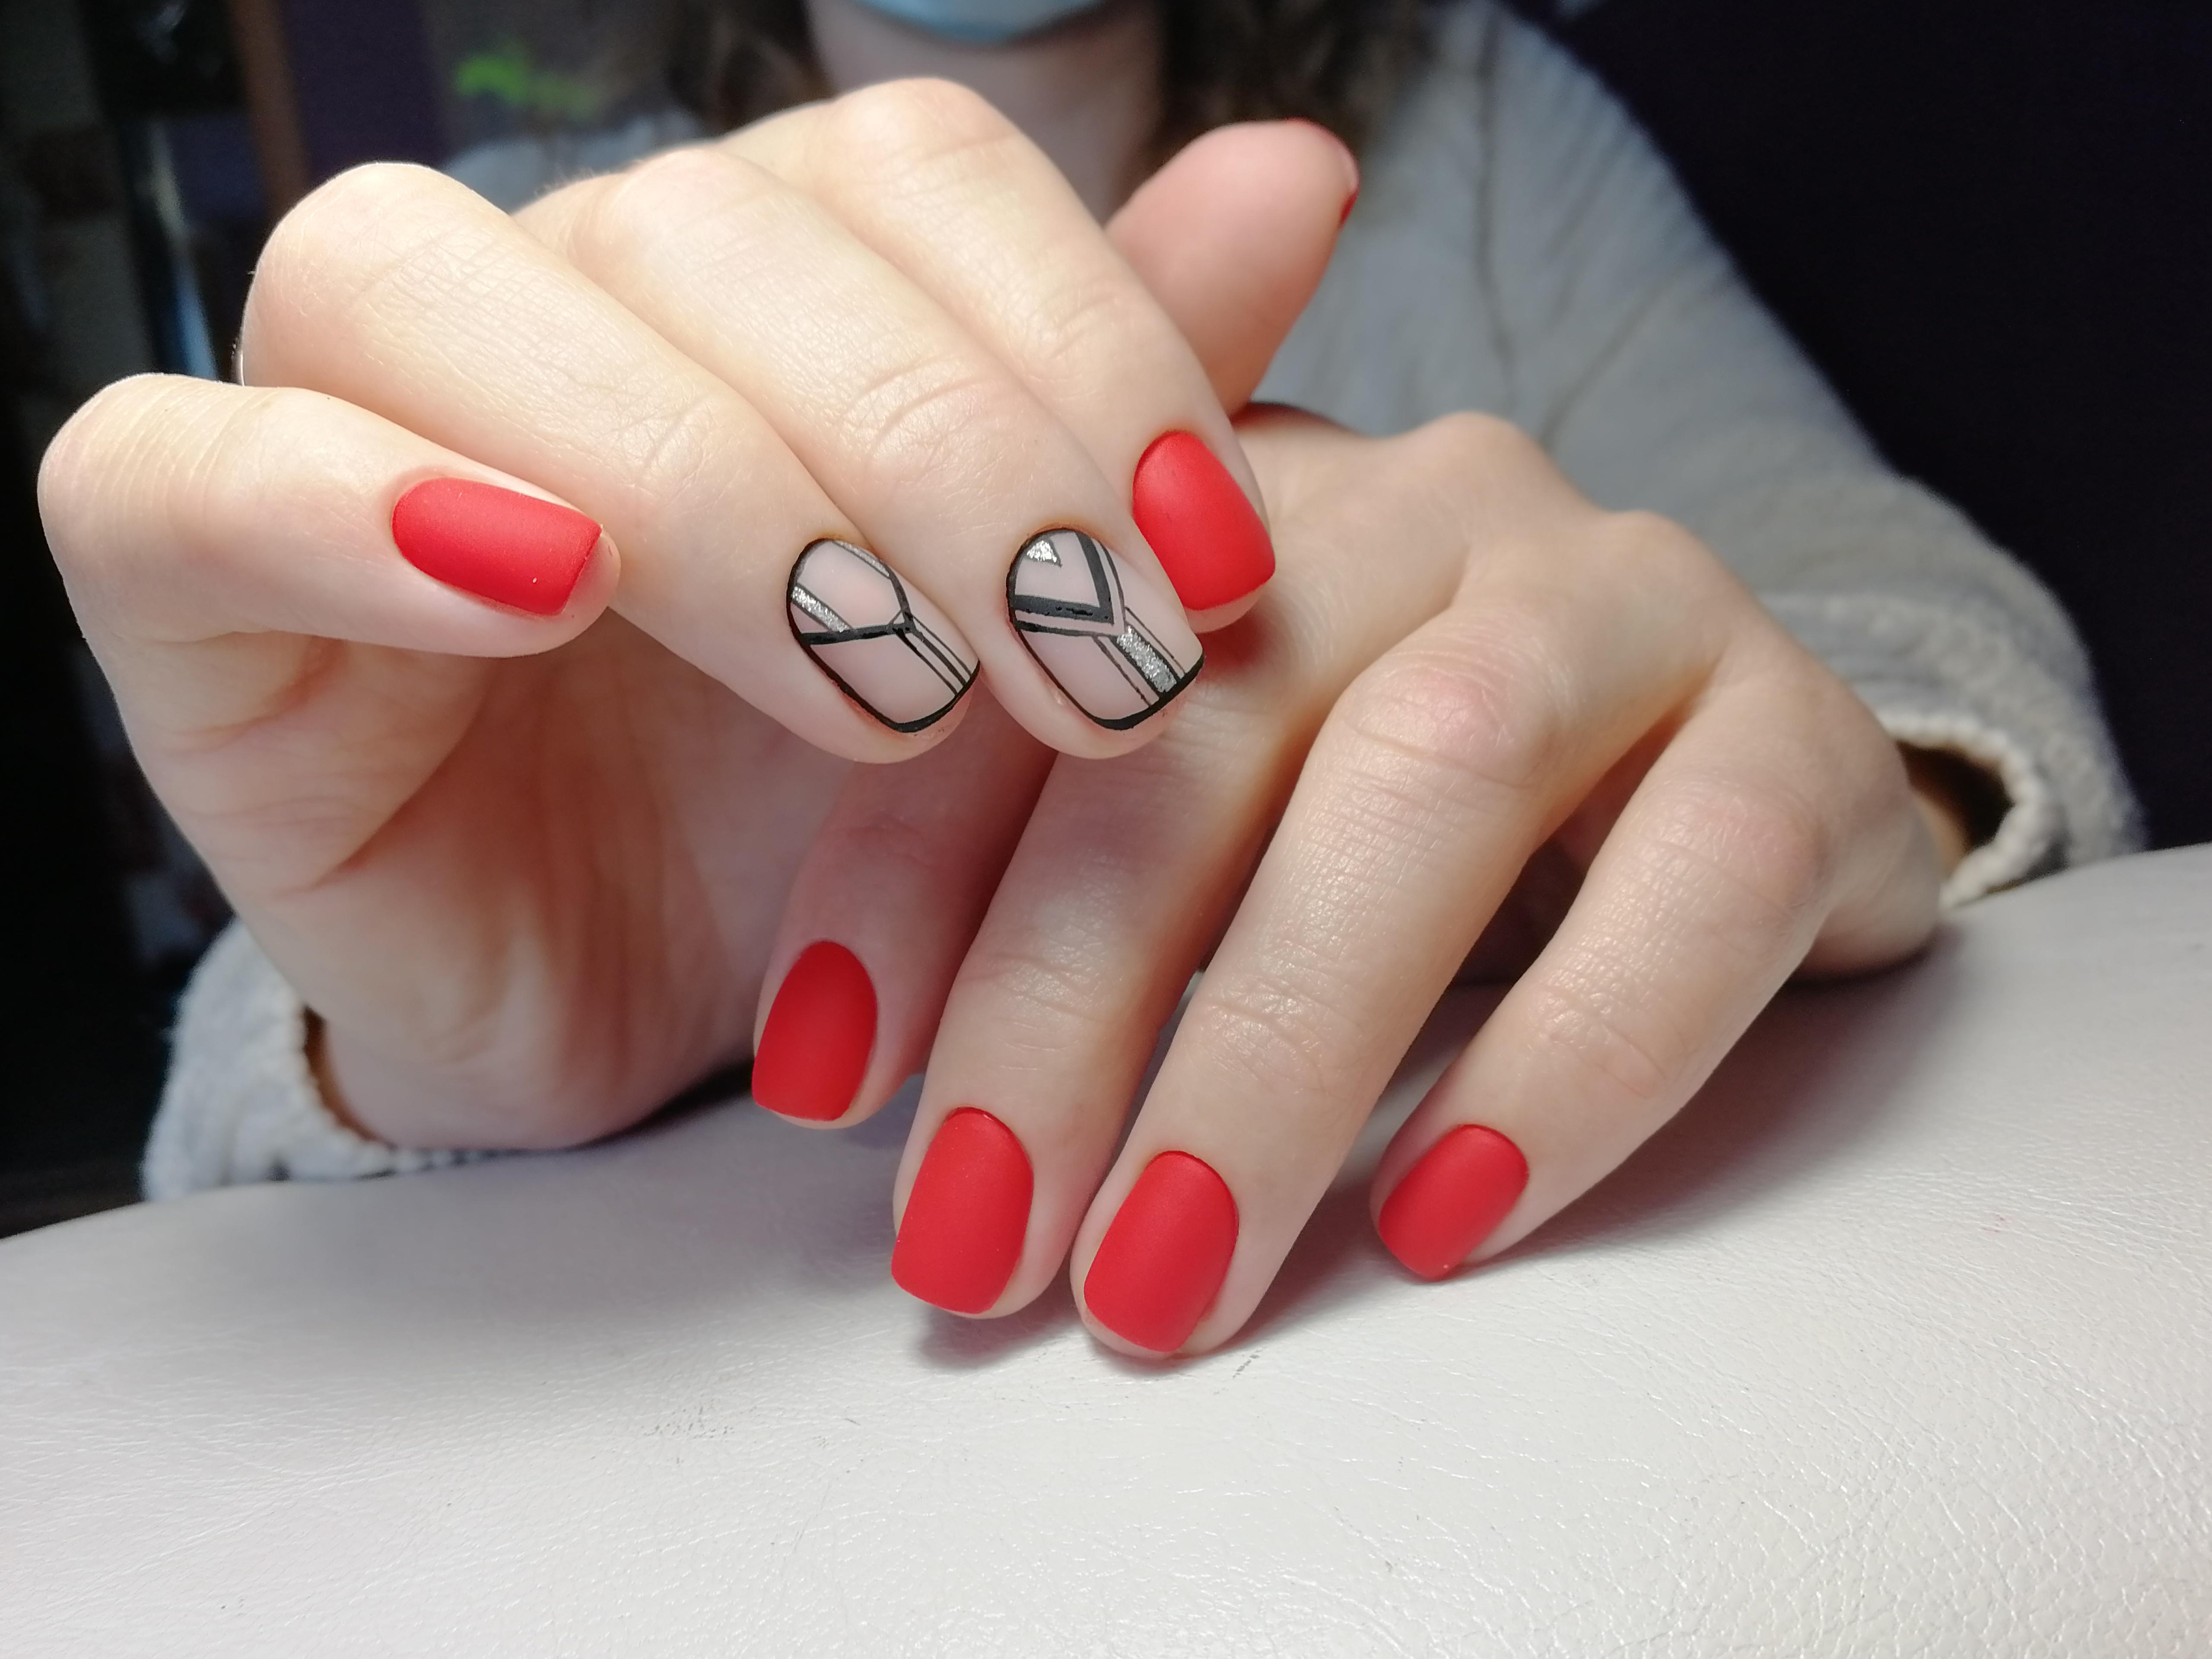 Матовый геометрический маникюр в красном цвете.